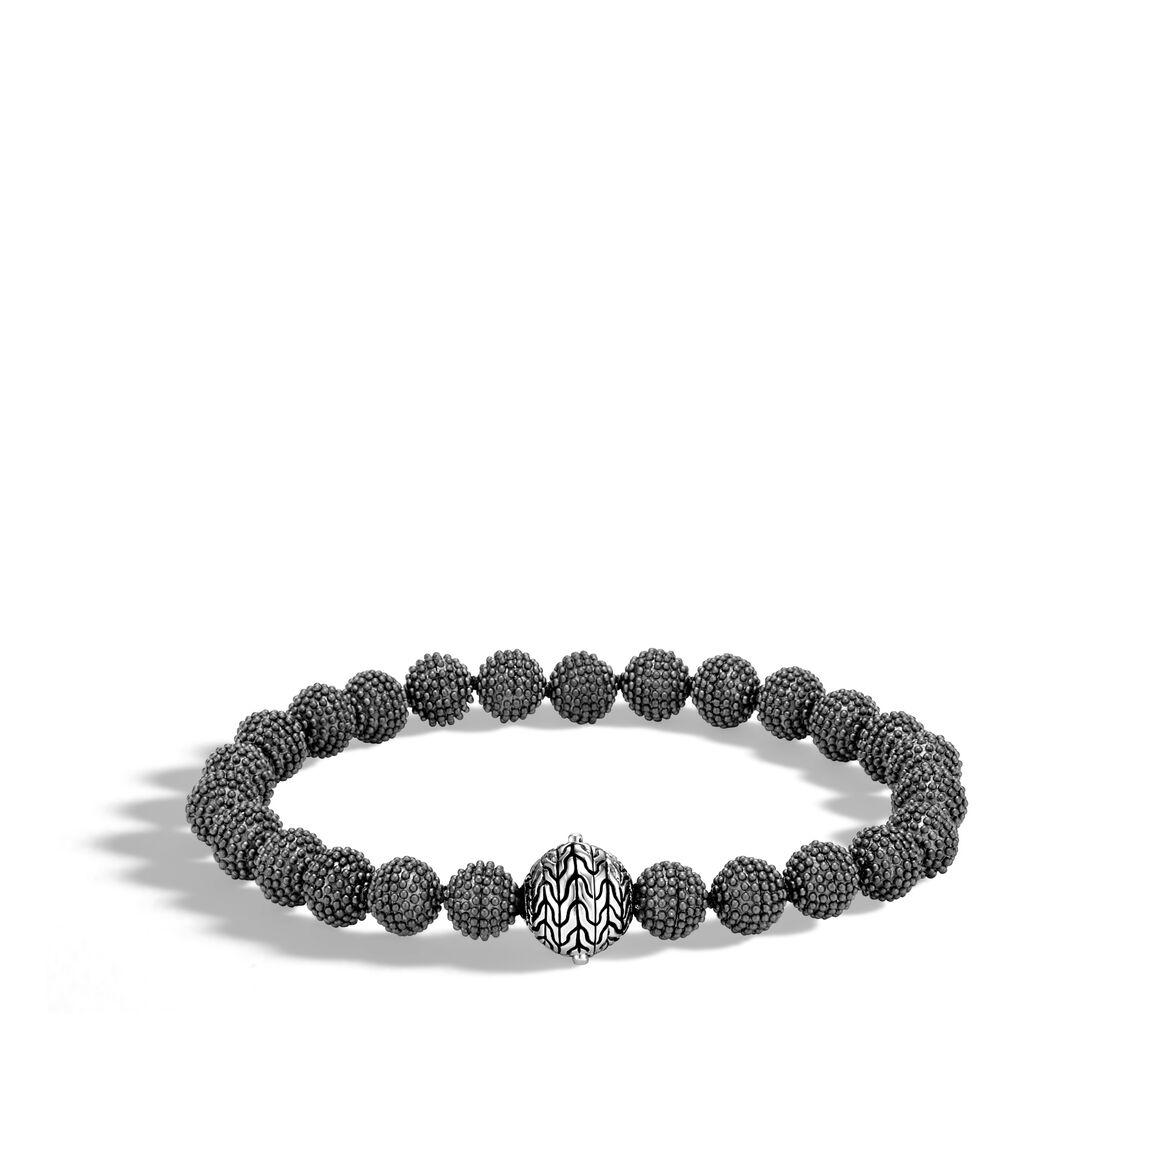 Chain Jawan 8MM Bead Bracelet in Blackened Silver